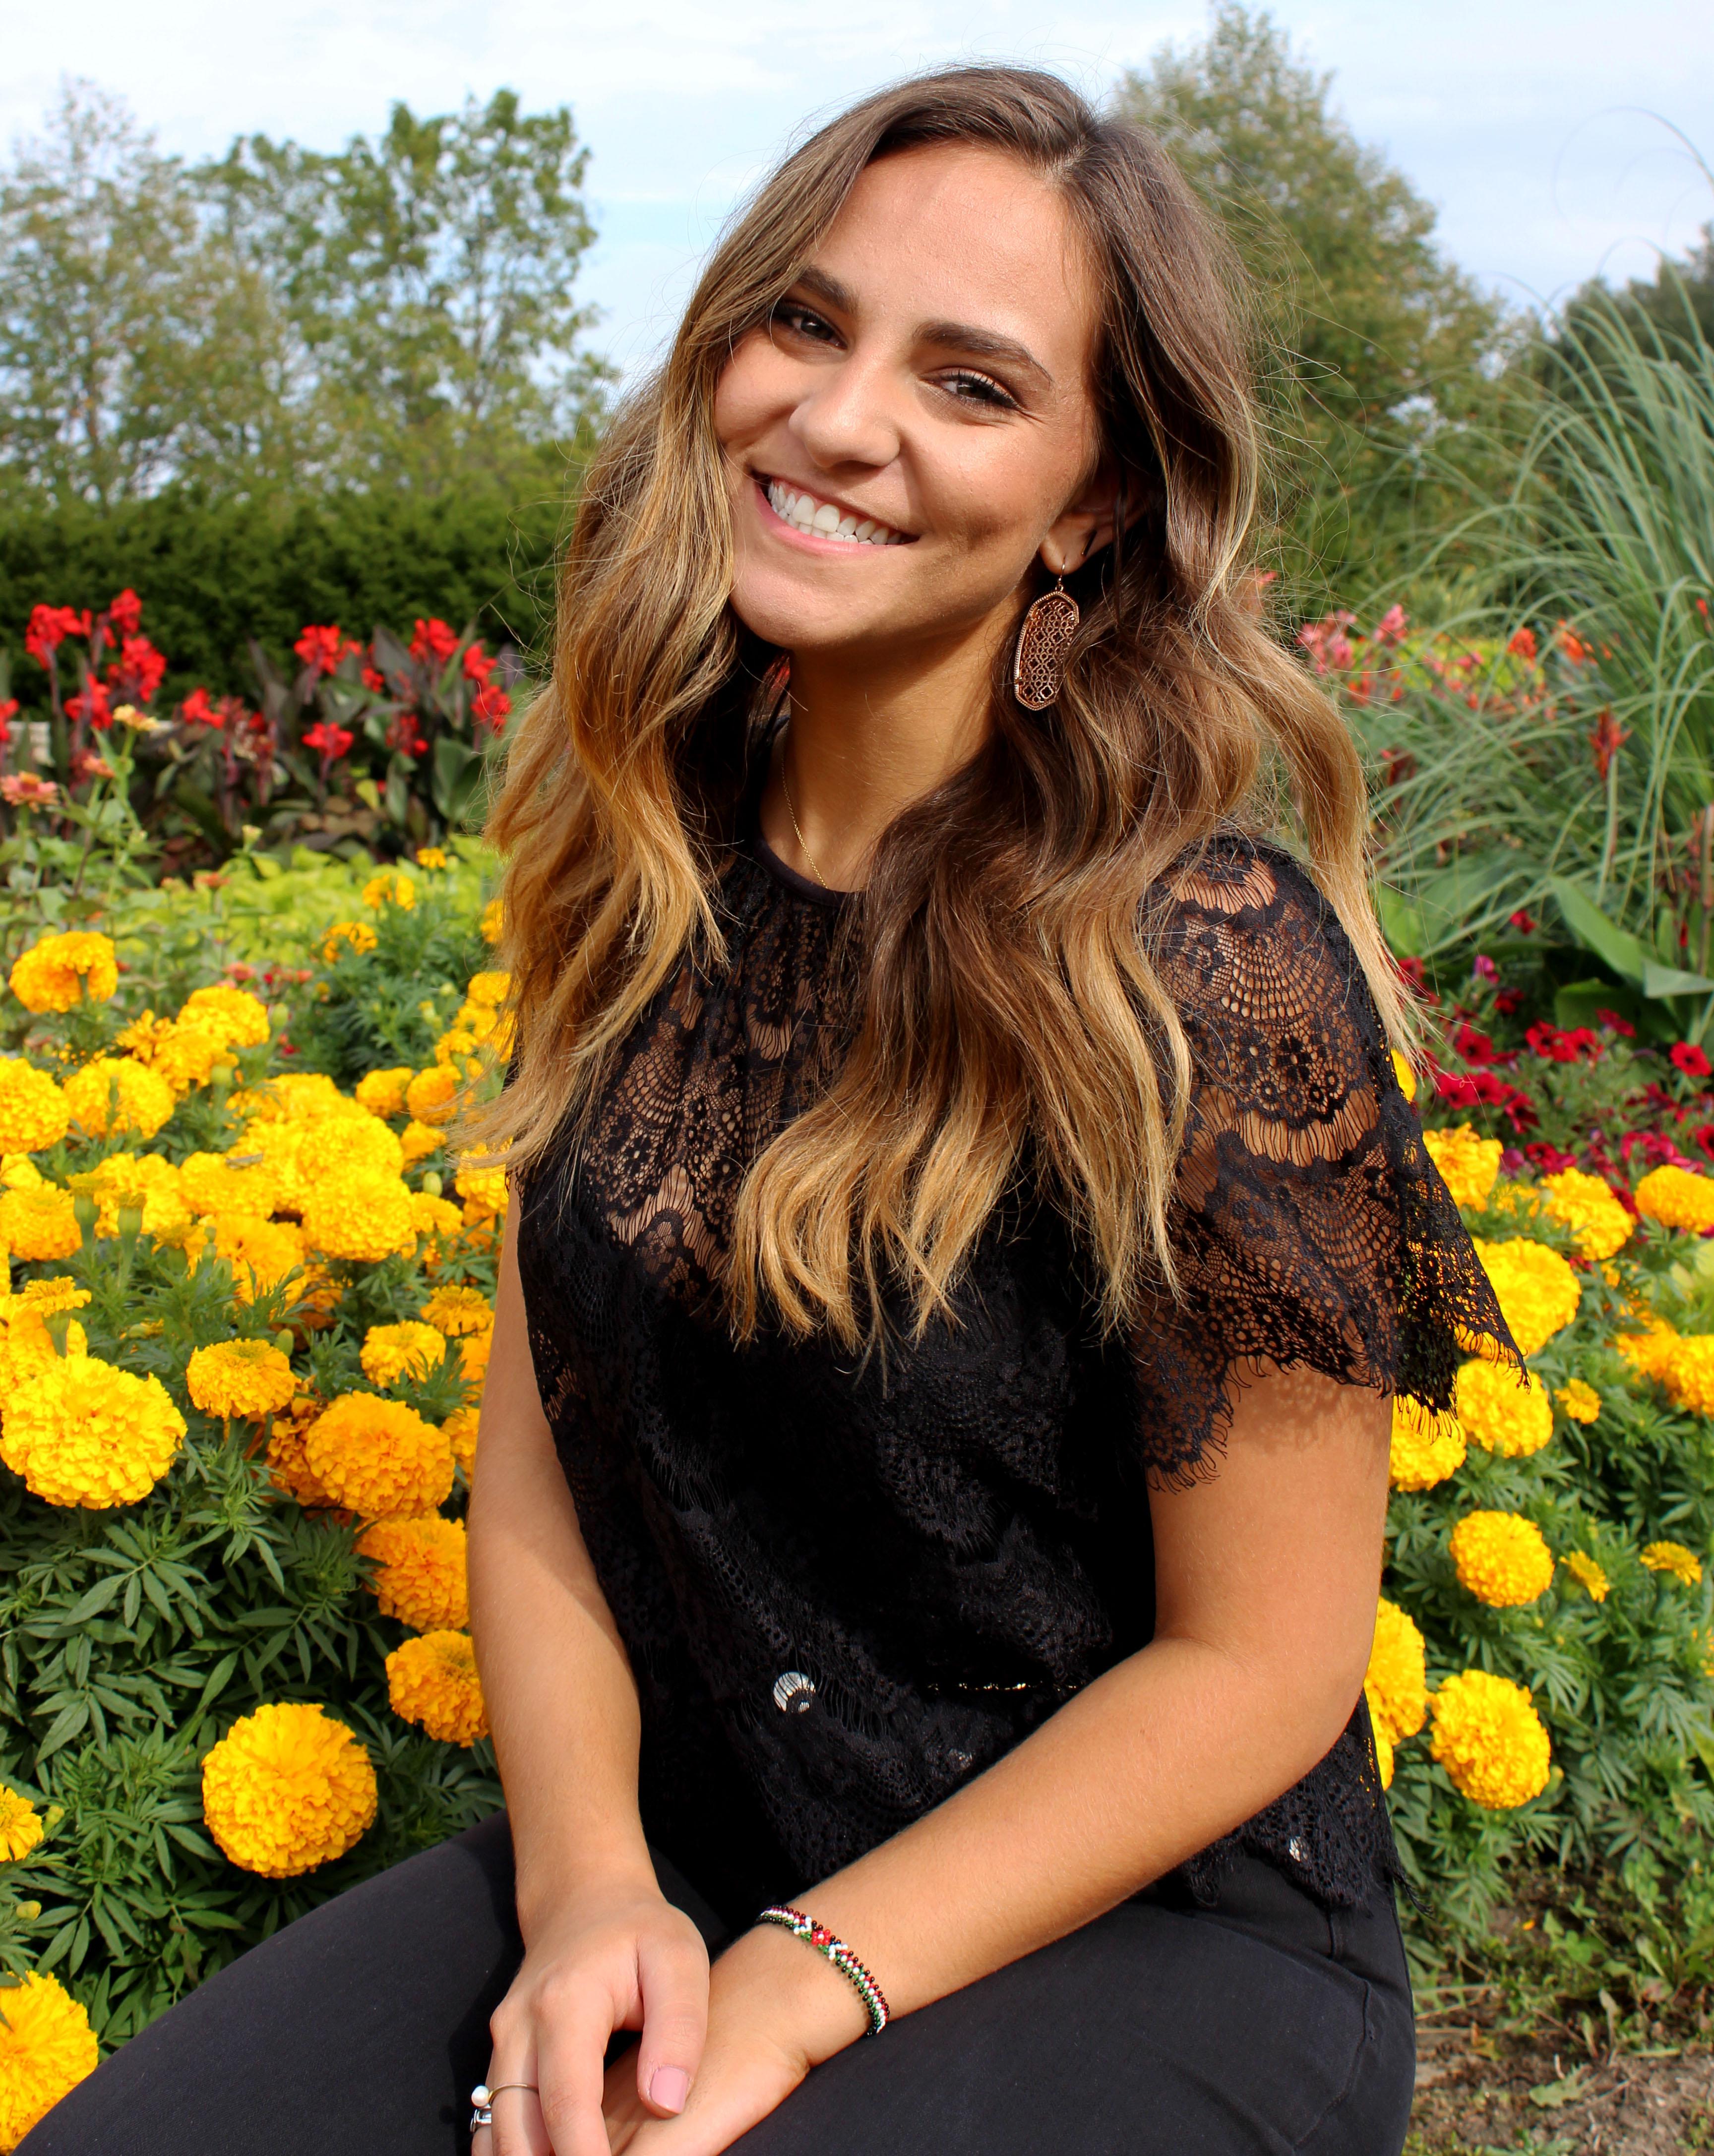 Sophie Michael